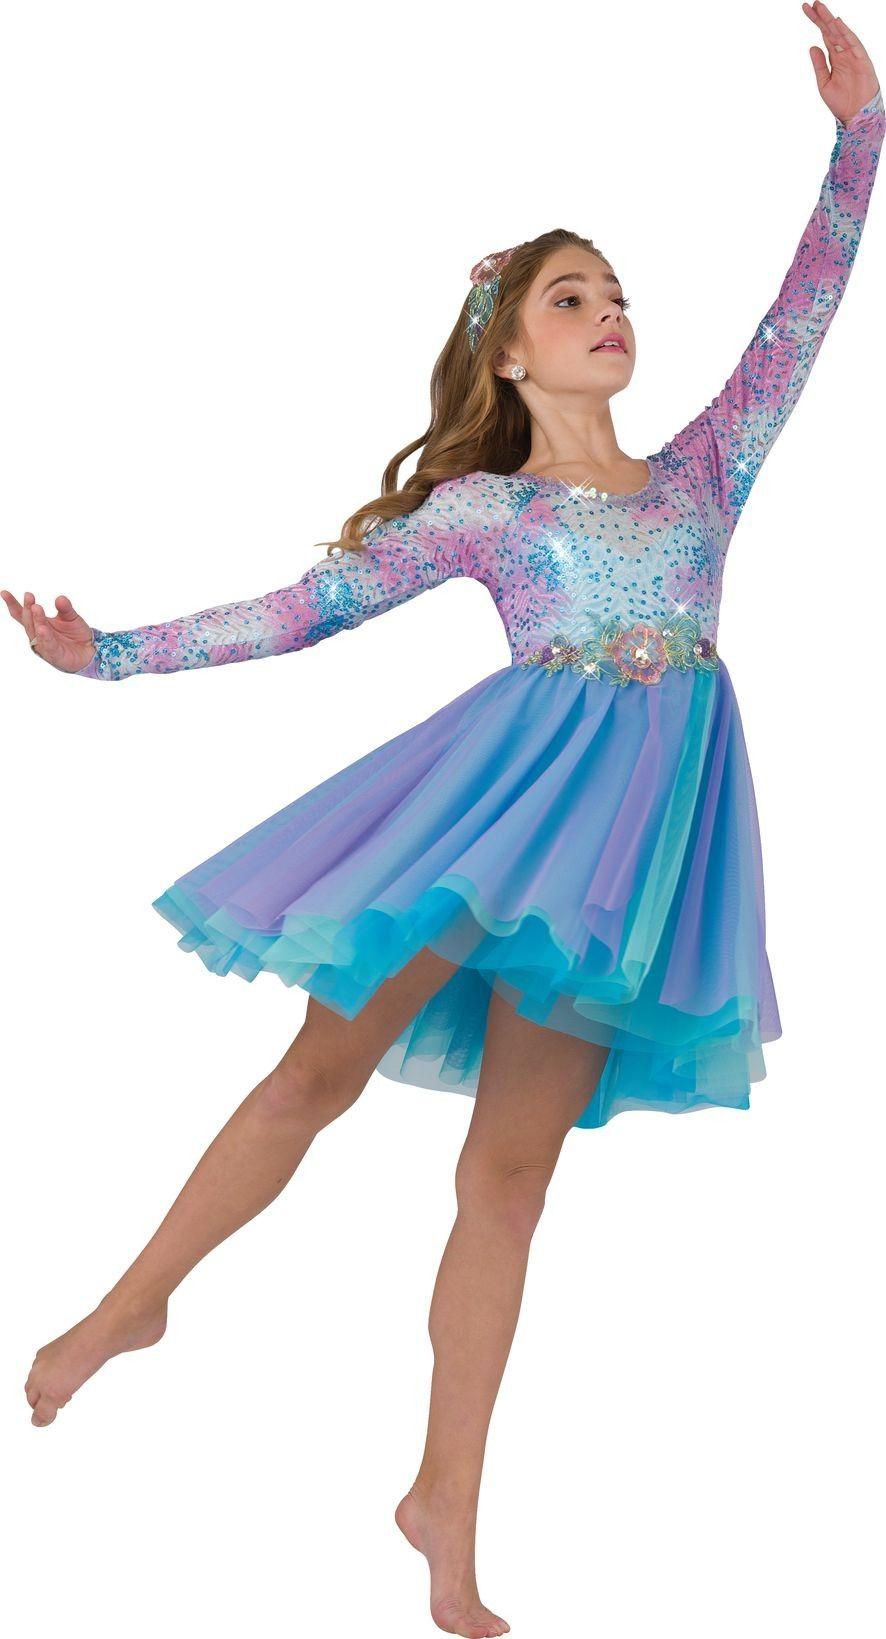 36dca73526c Fantasia Infantil Bailarina Meninas Azul e Lilás Dança Carnaval ...